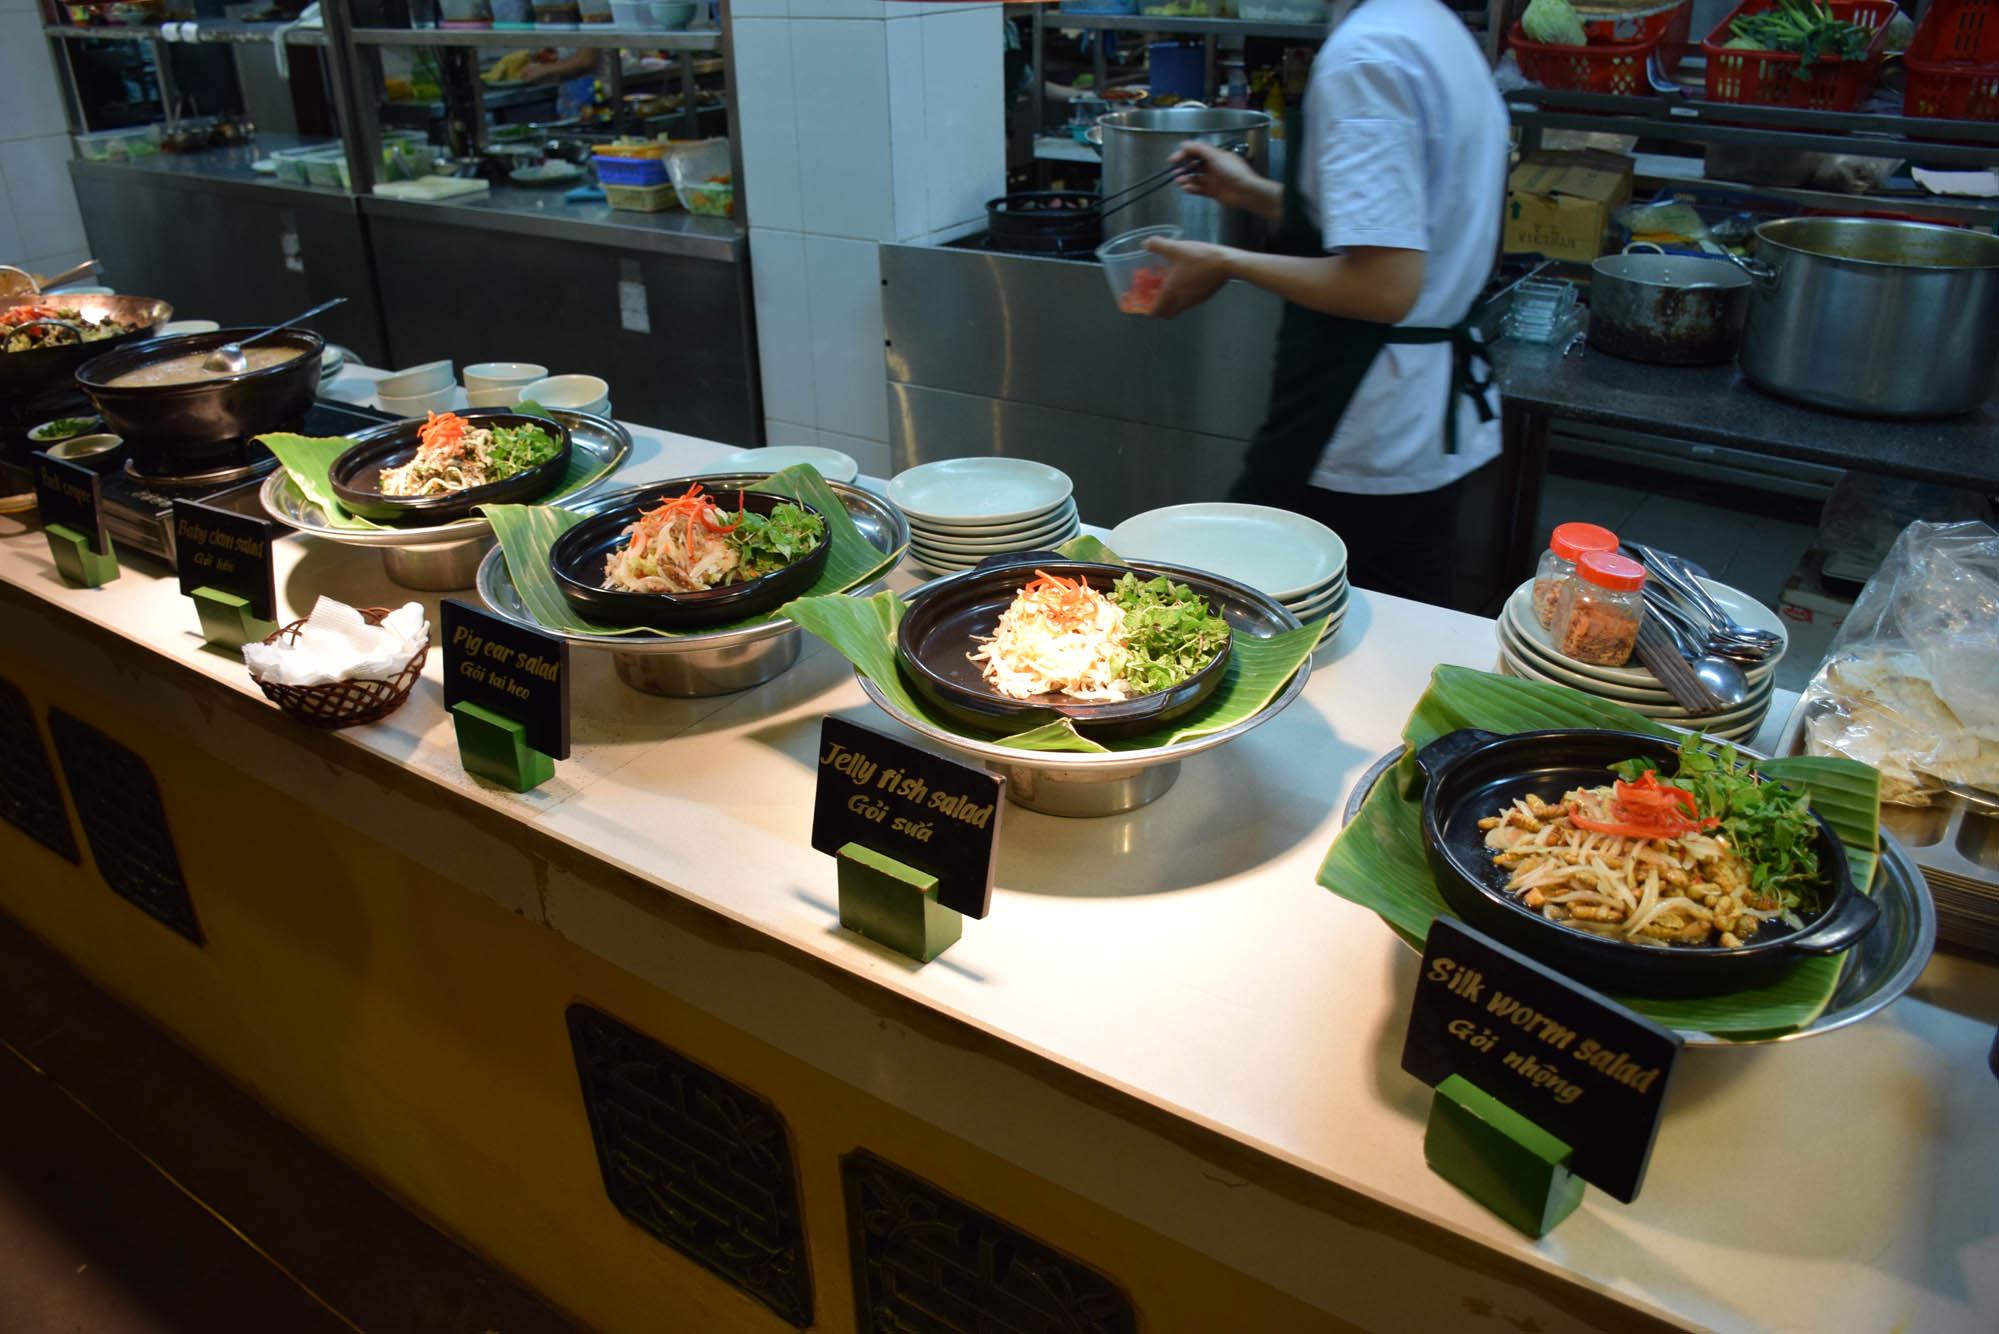 """Eca... Olha o nome desses pratos!!! Segundo eles """"Weird Wonderful Food"""" - quem encara??"""